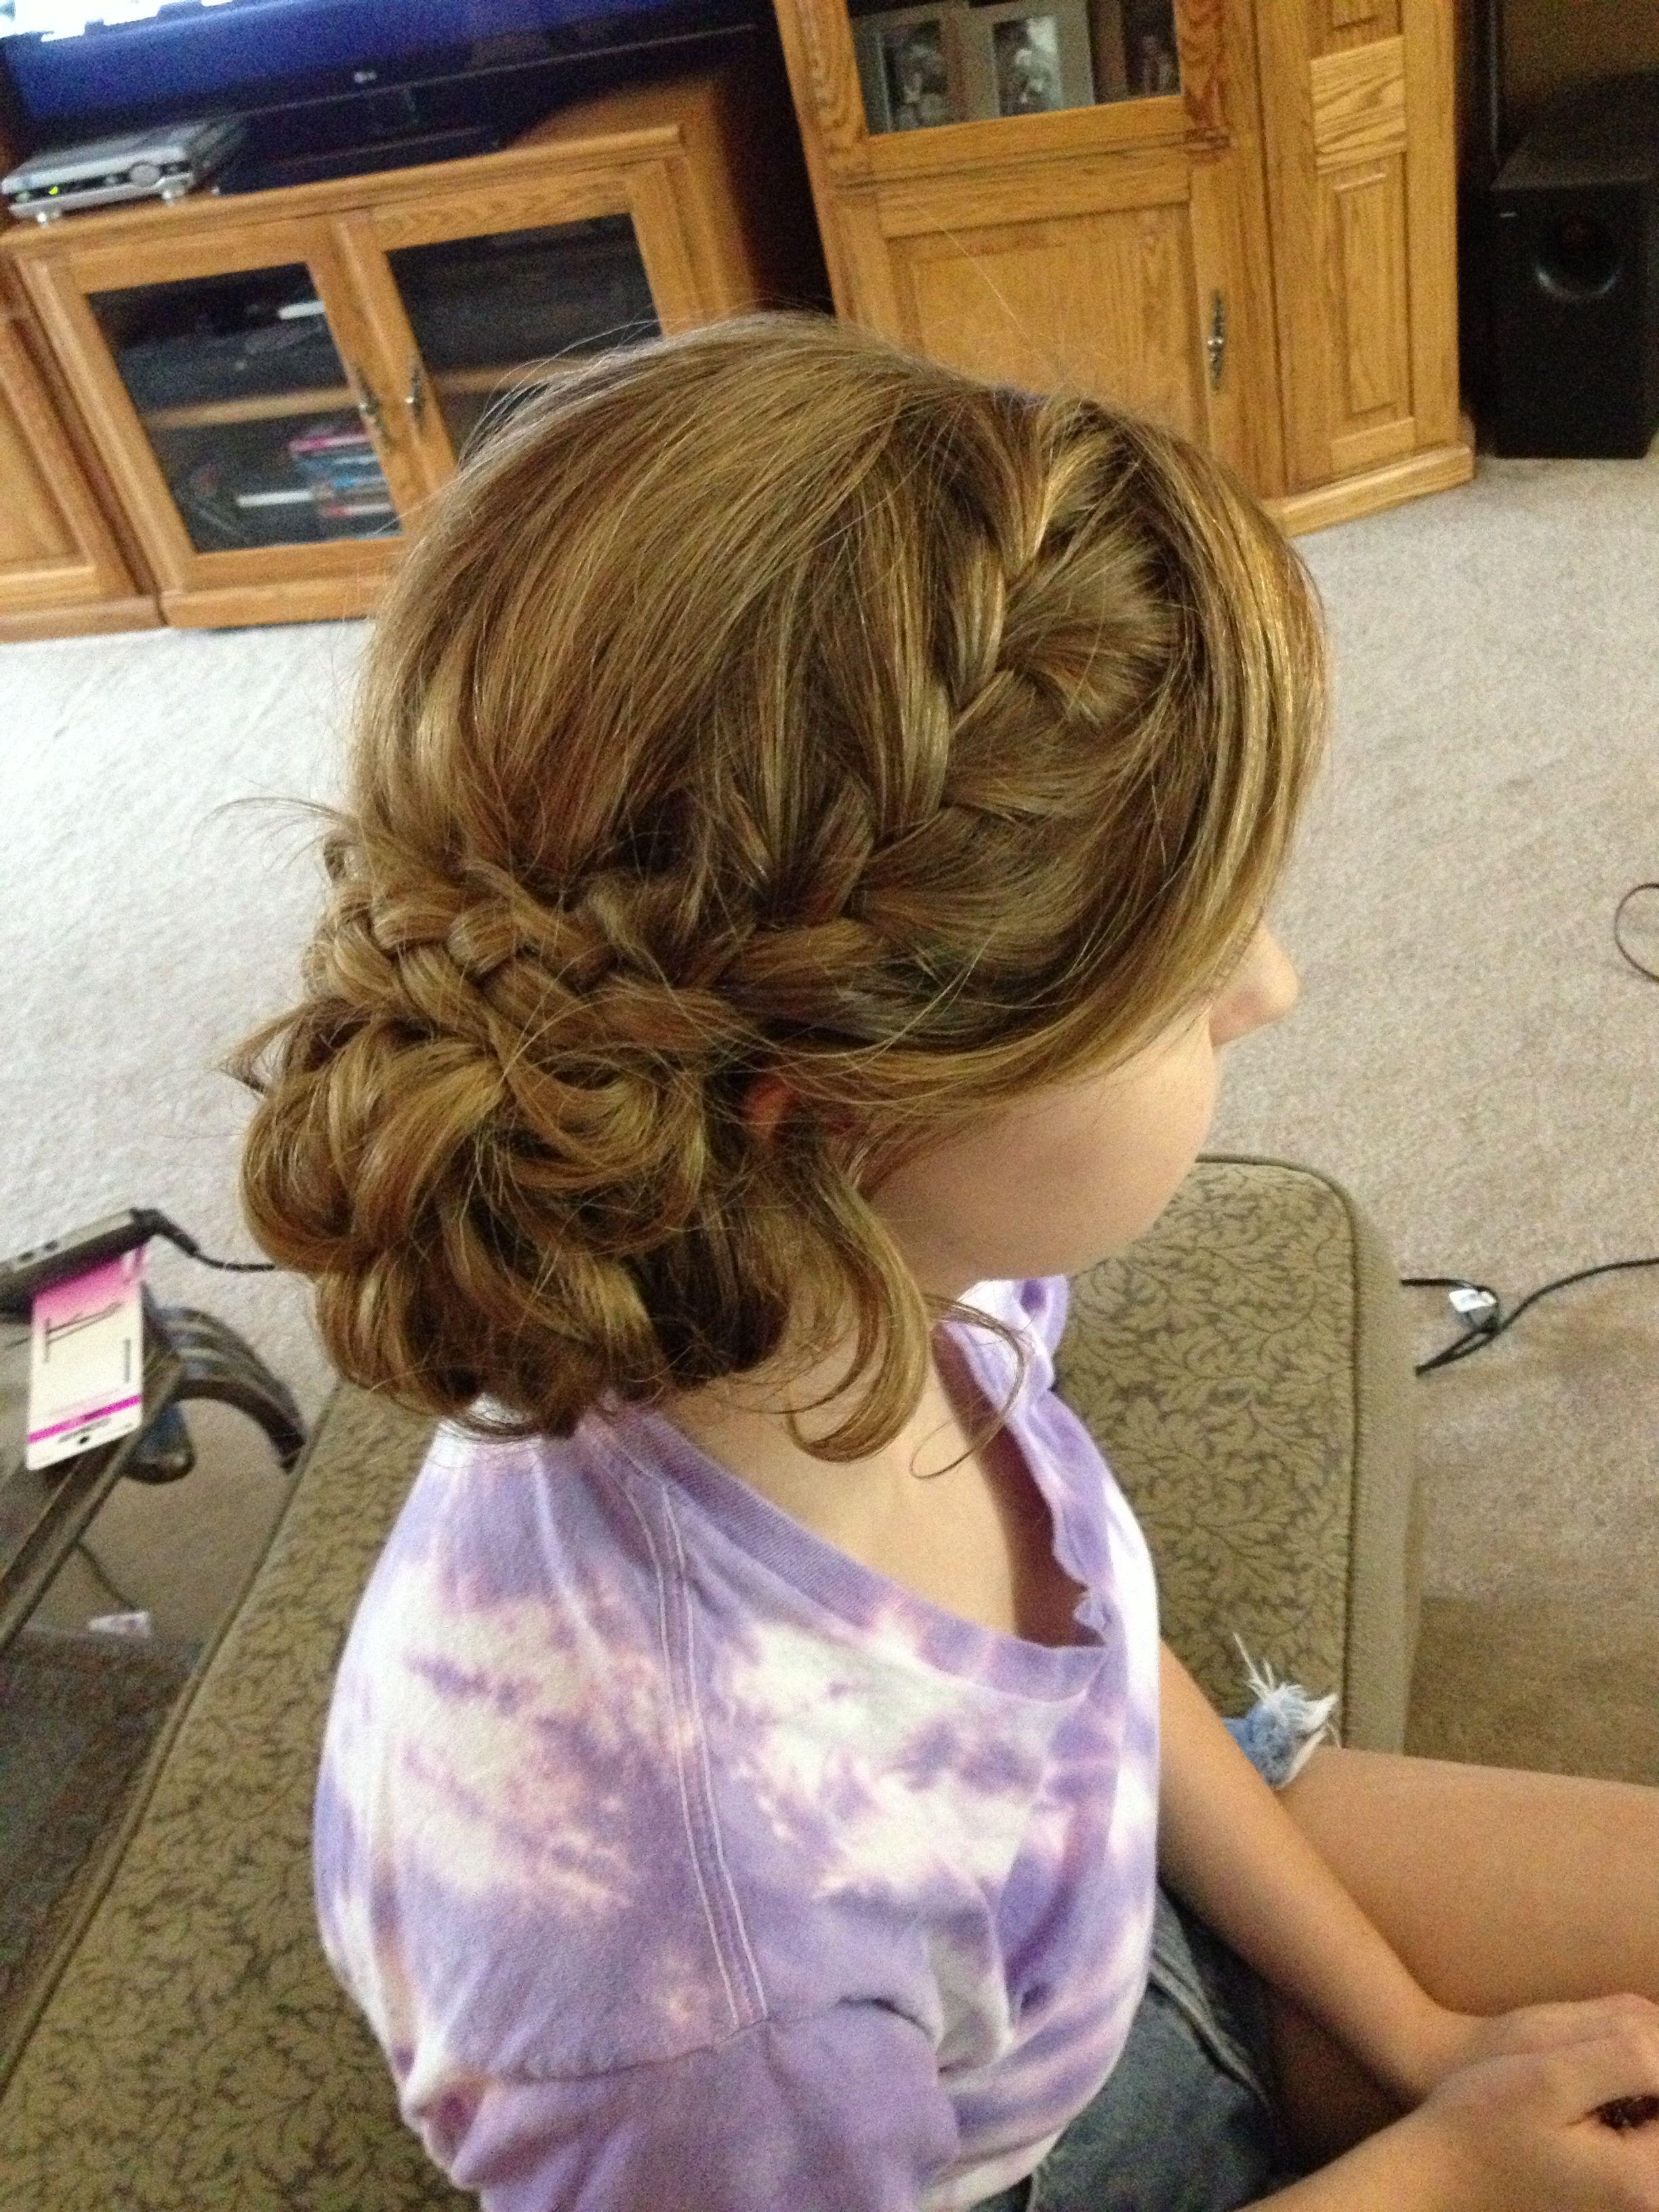 Prom hair prom hair pinterest prom hair prom and hair style